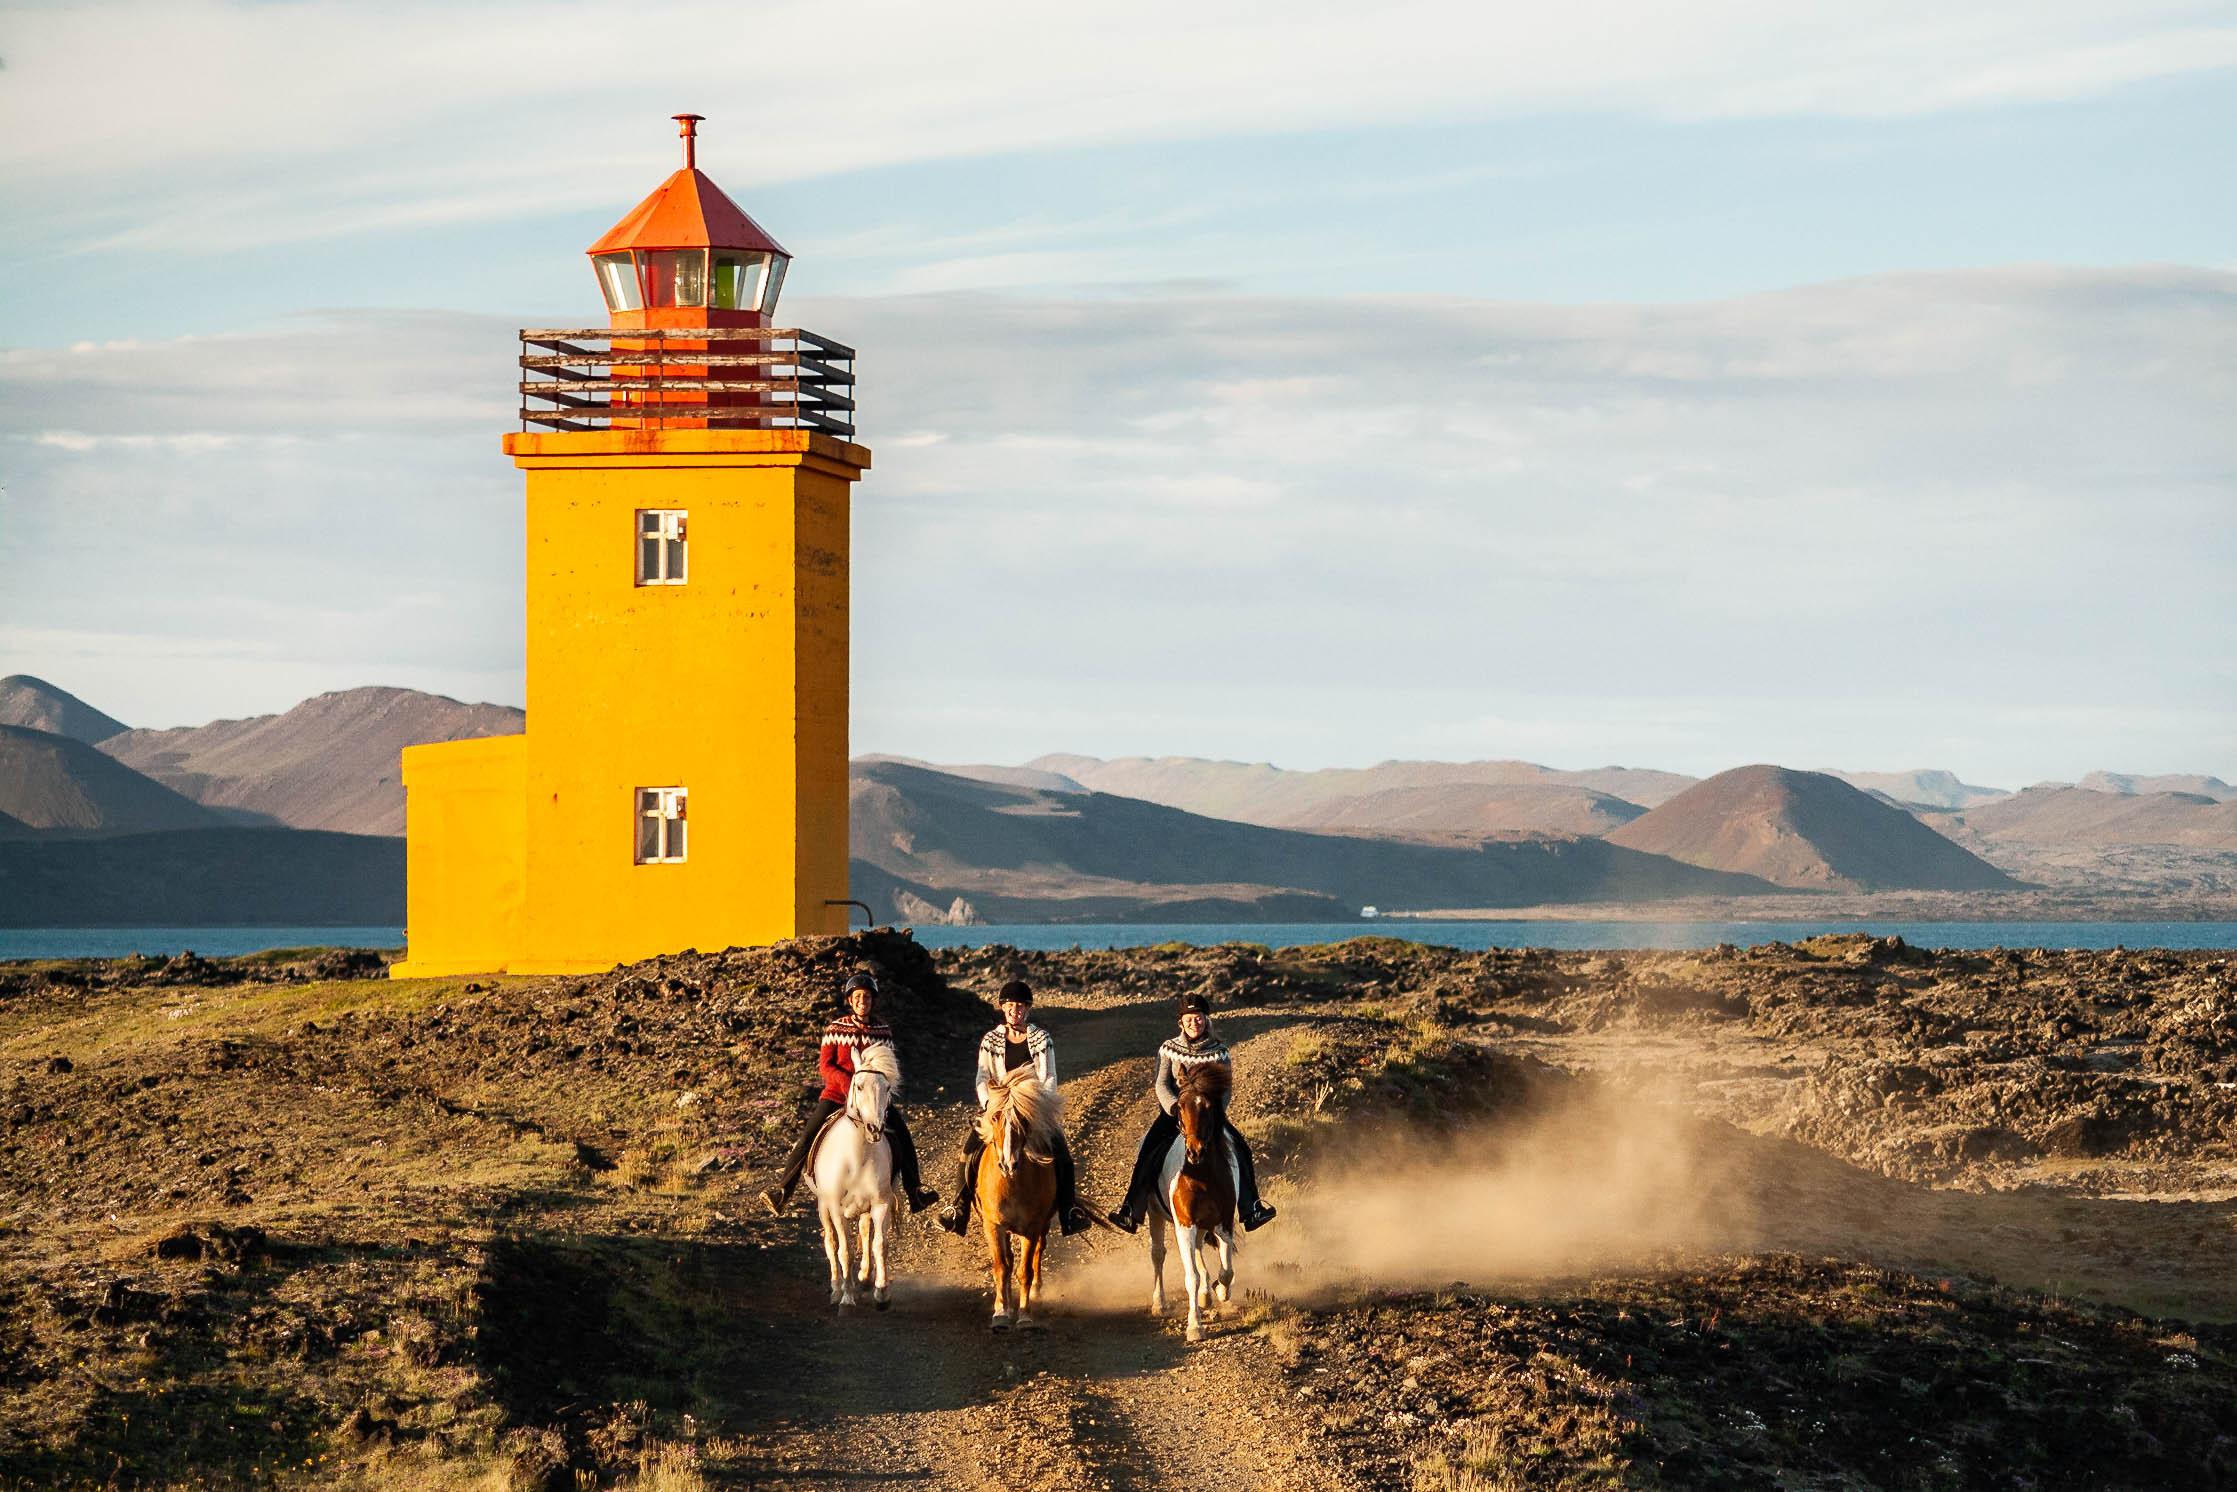 Horses galloping at Hopsnesviti lighthouse, Grindavik, Iceland.